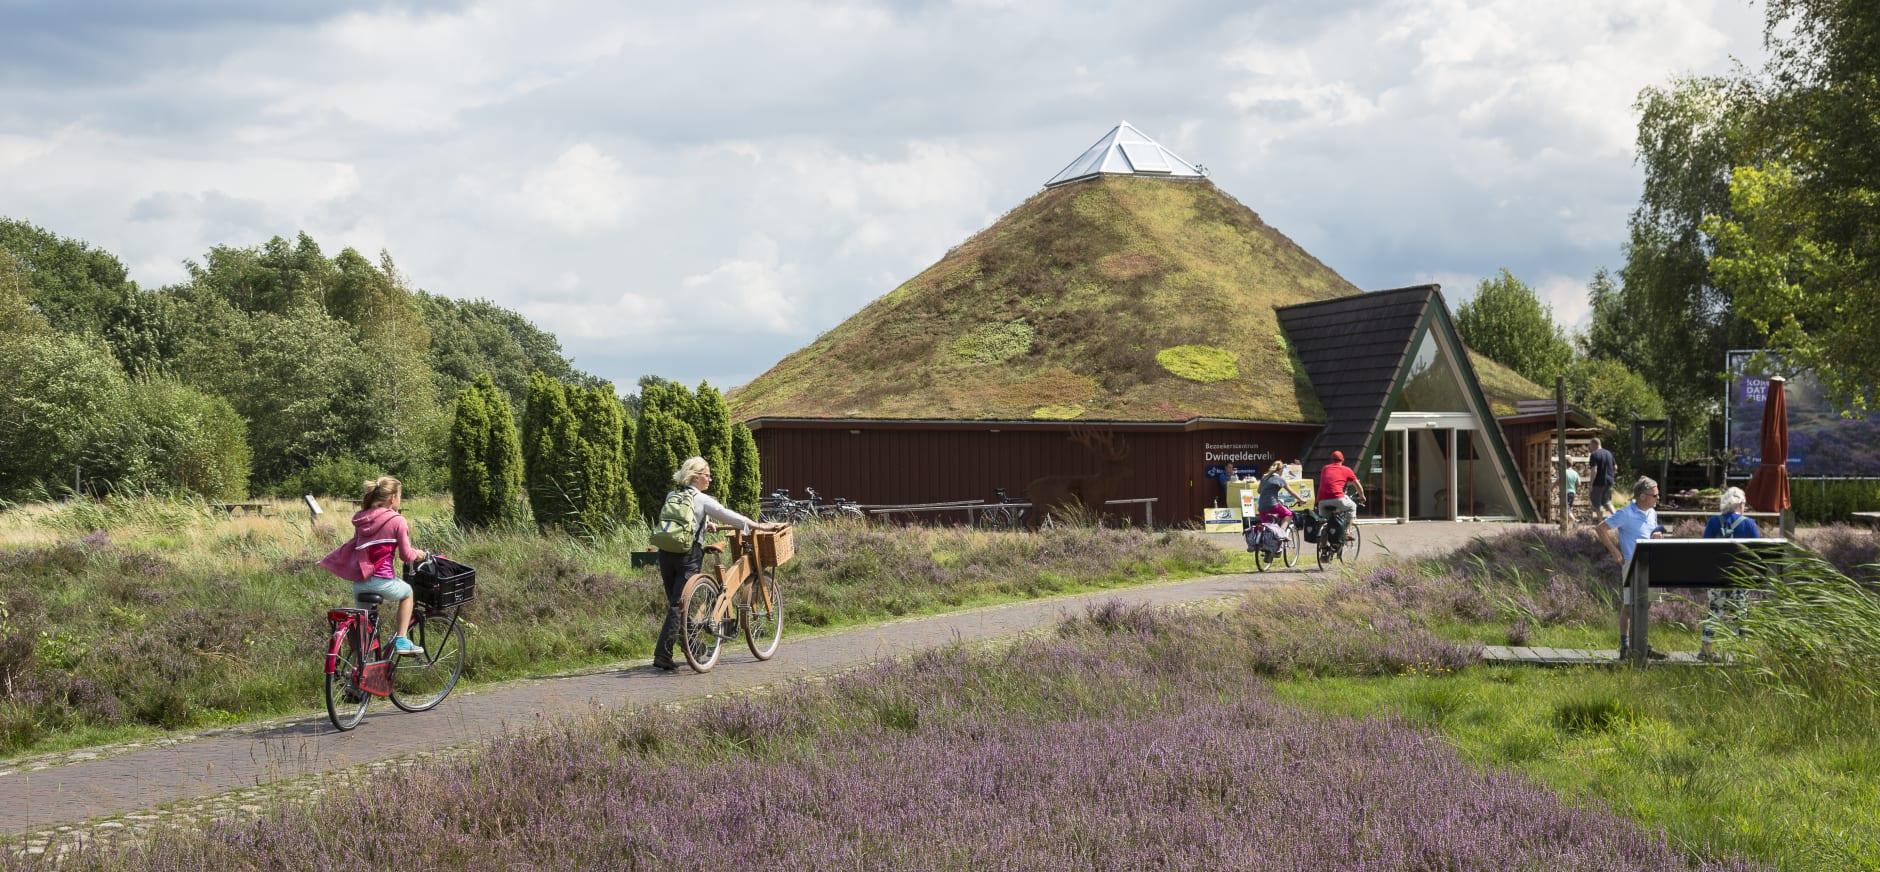 Bezoekerscentrum Dwingelderveld doet deuren open voor bezoekers